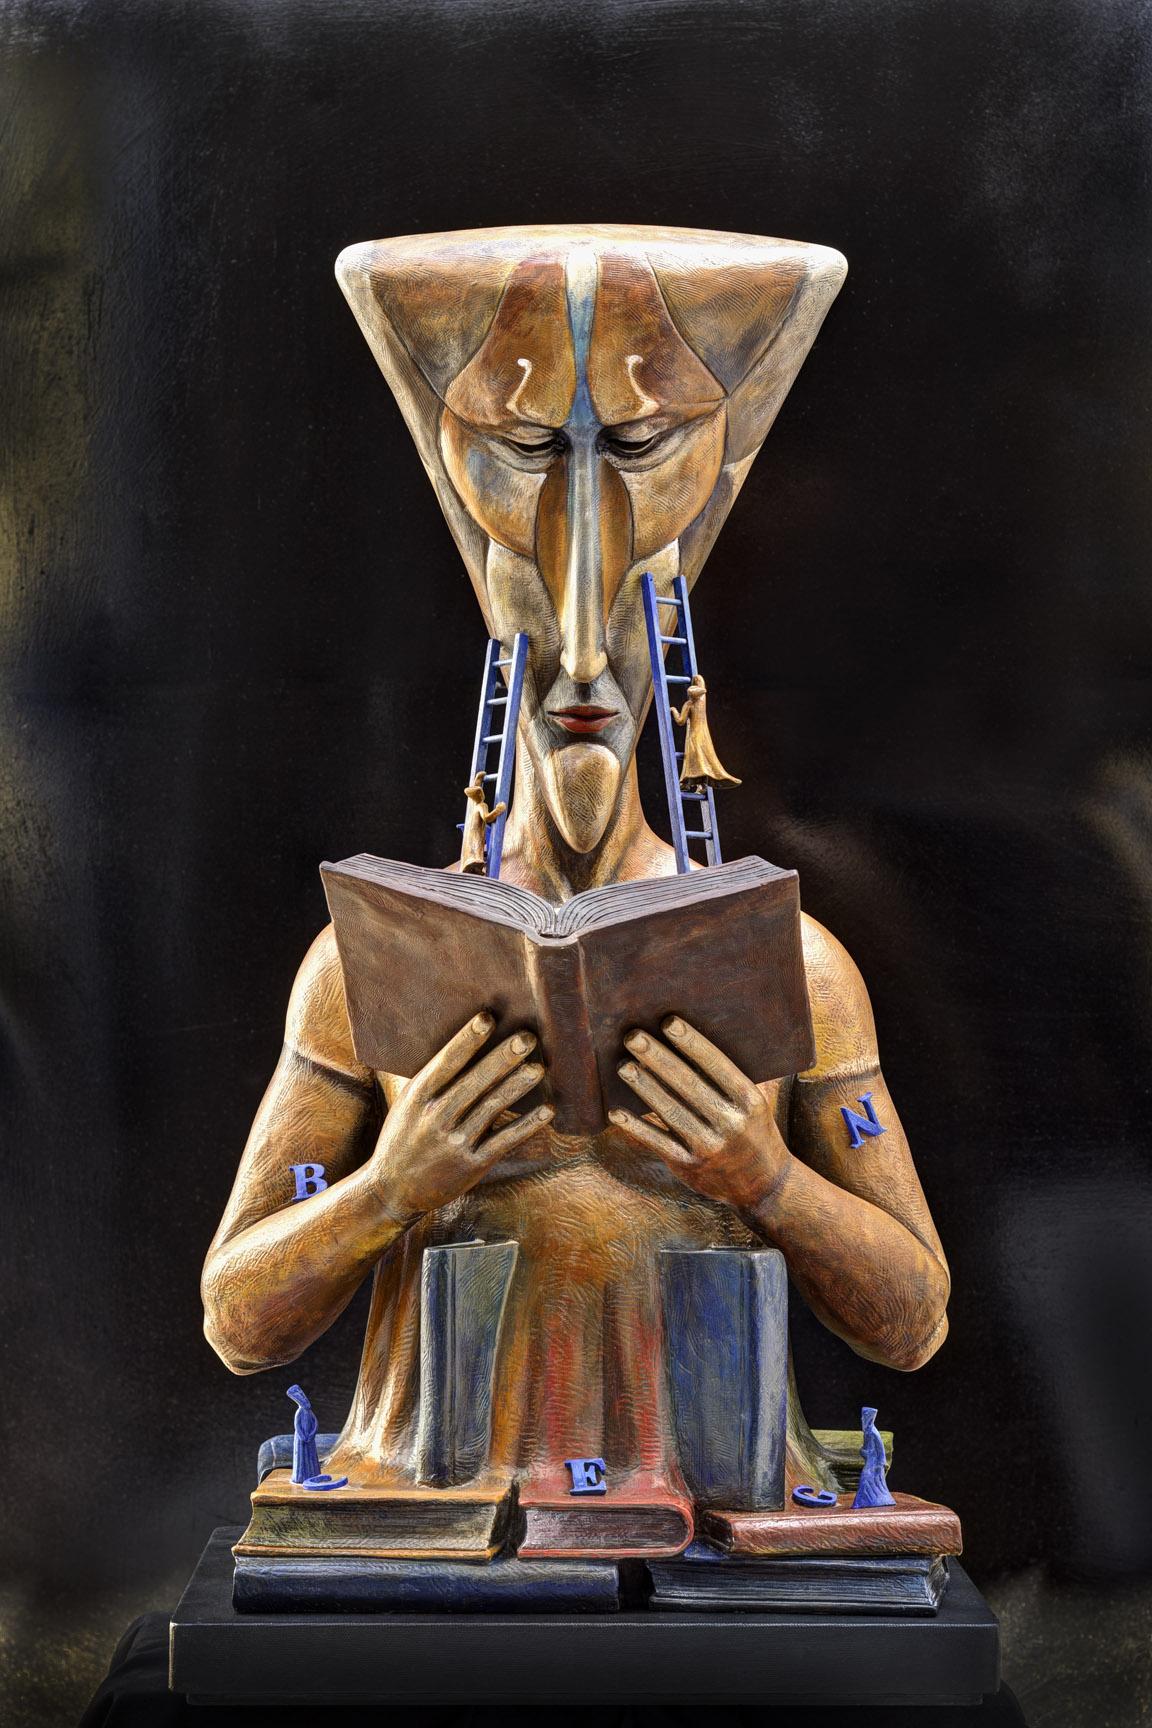 EL LECTOR, Galeria Sergio Bustamante - Sitio Oficial